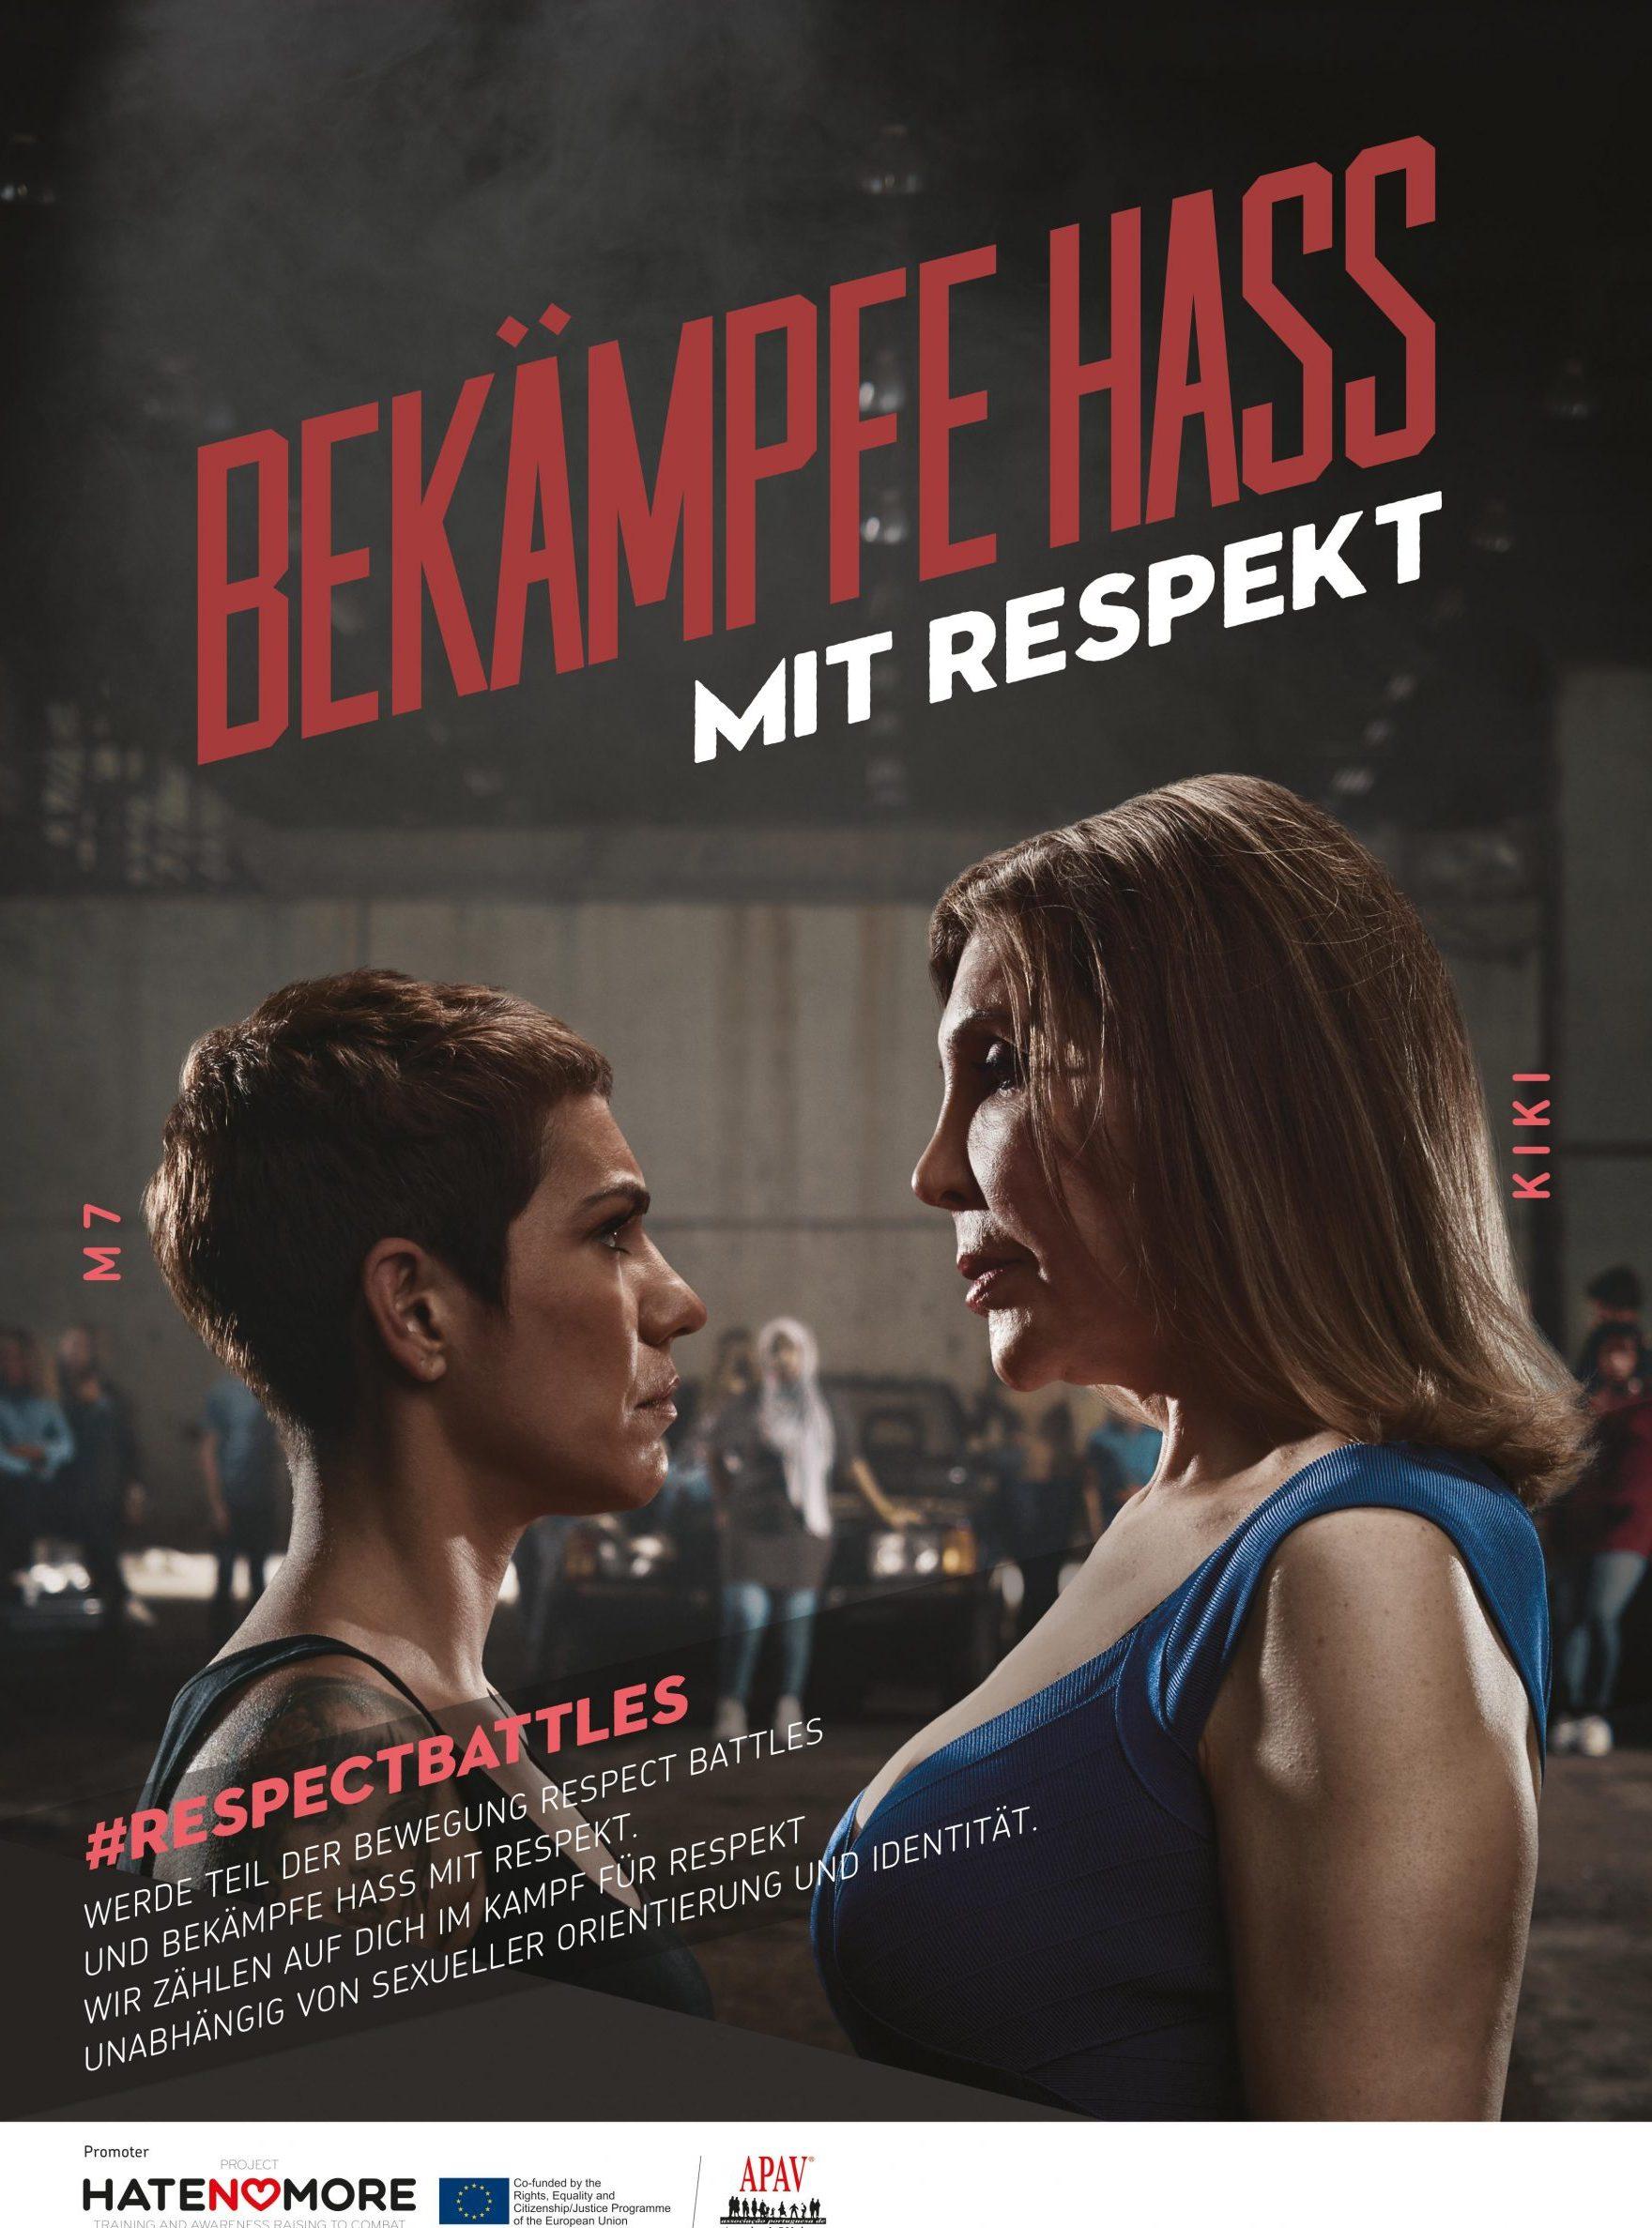 Das Bild zeigt zwei Frauen die sich bedrohlich gegenüber stehen.